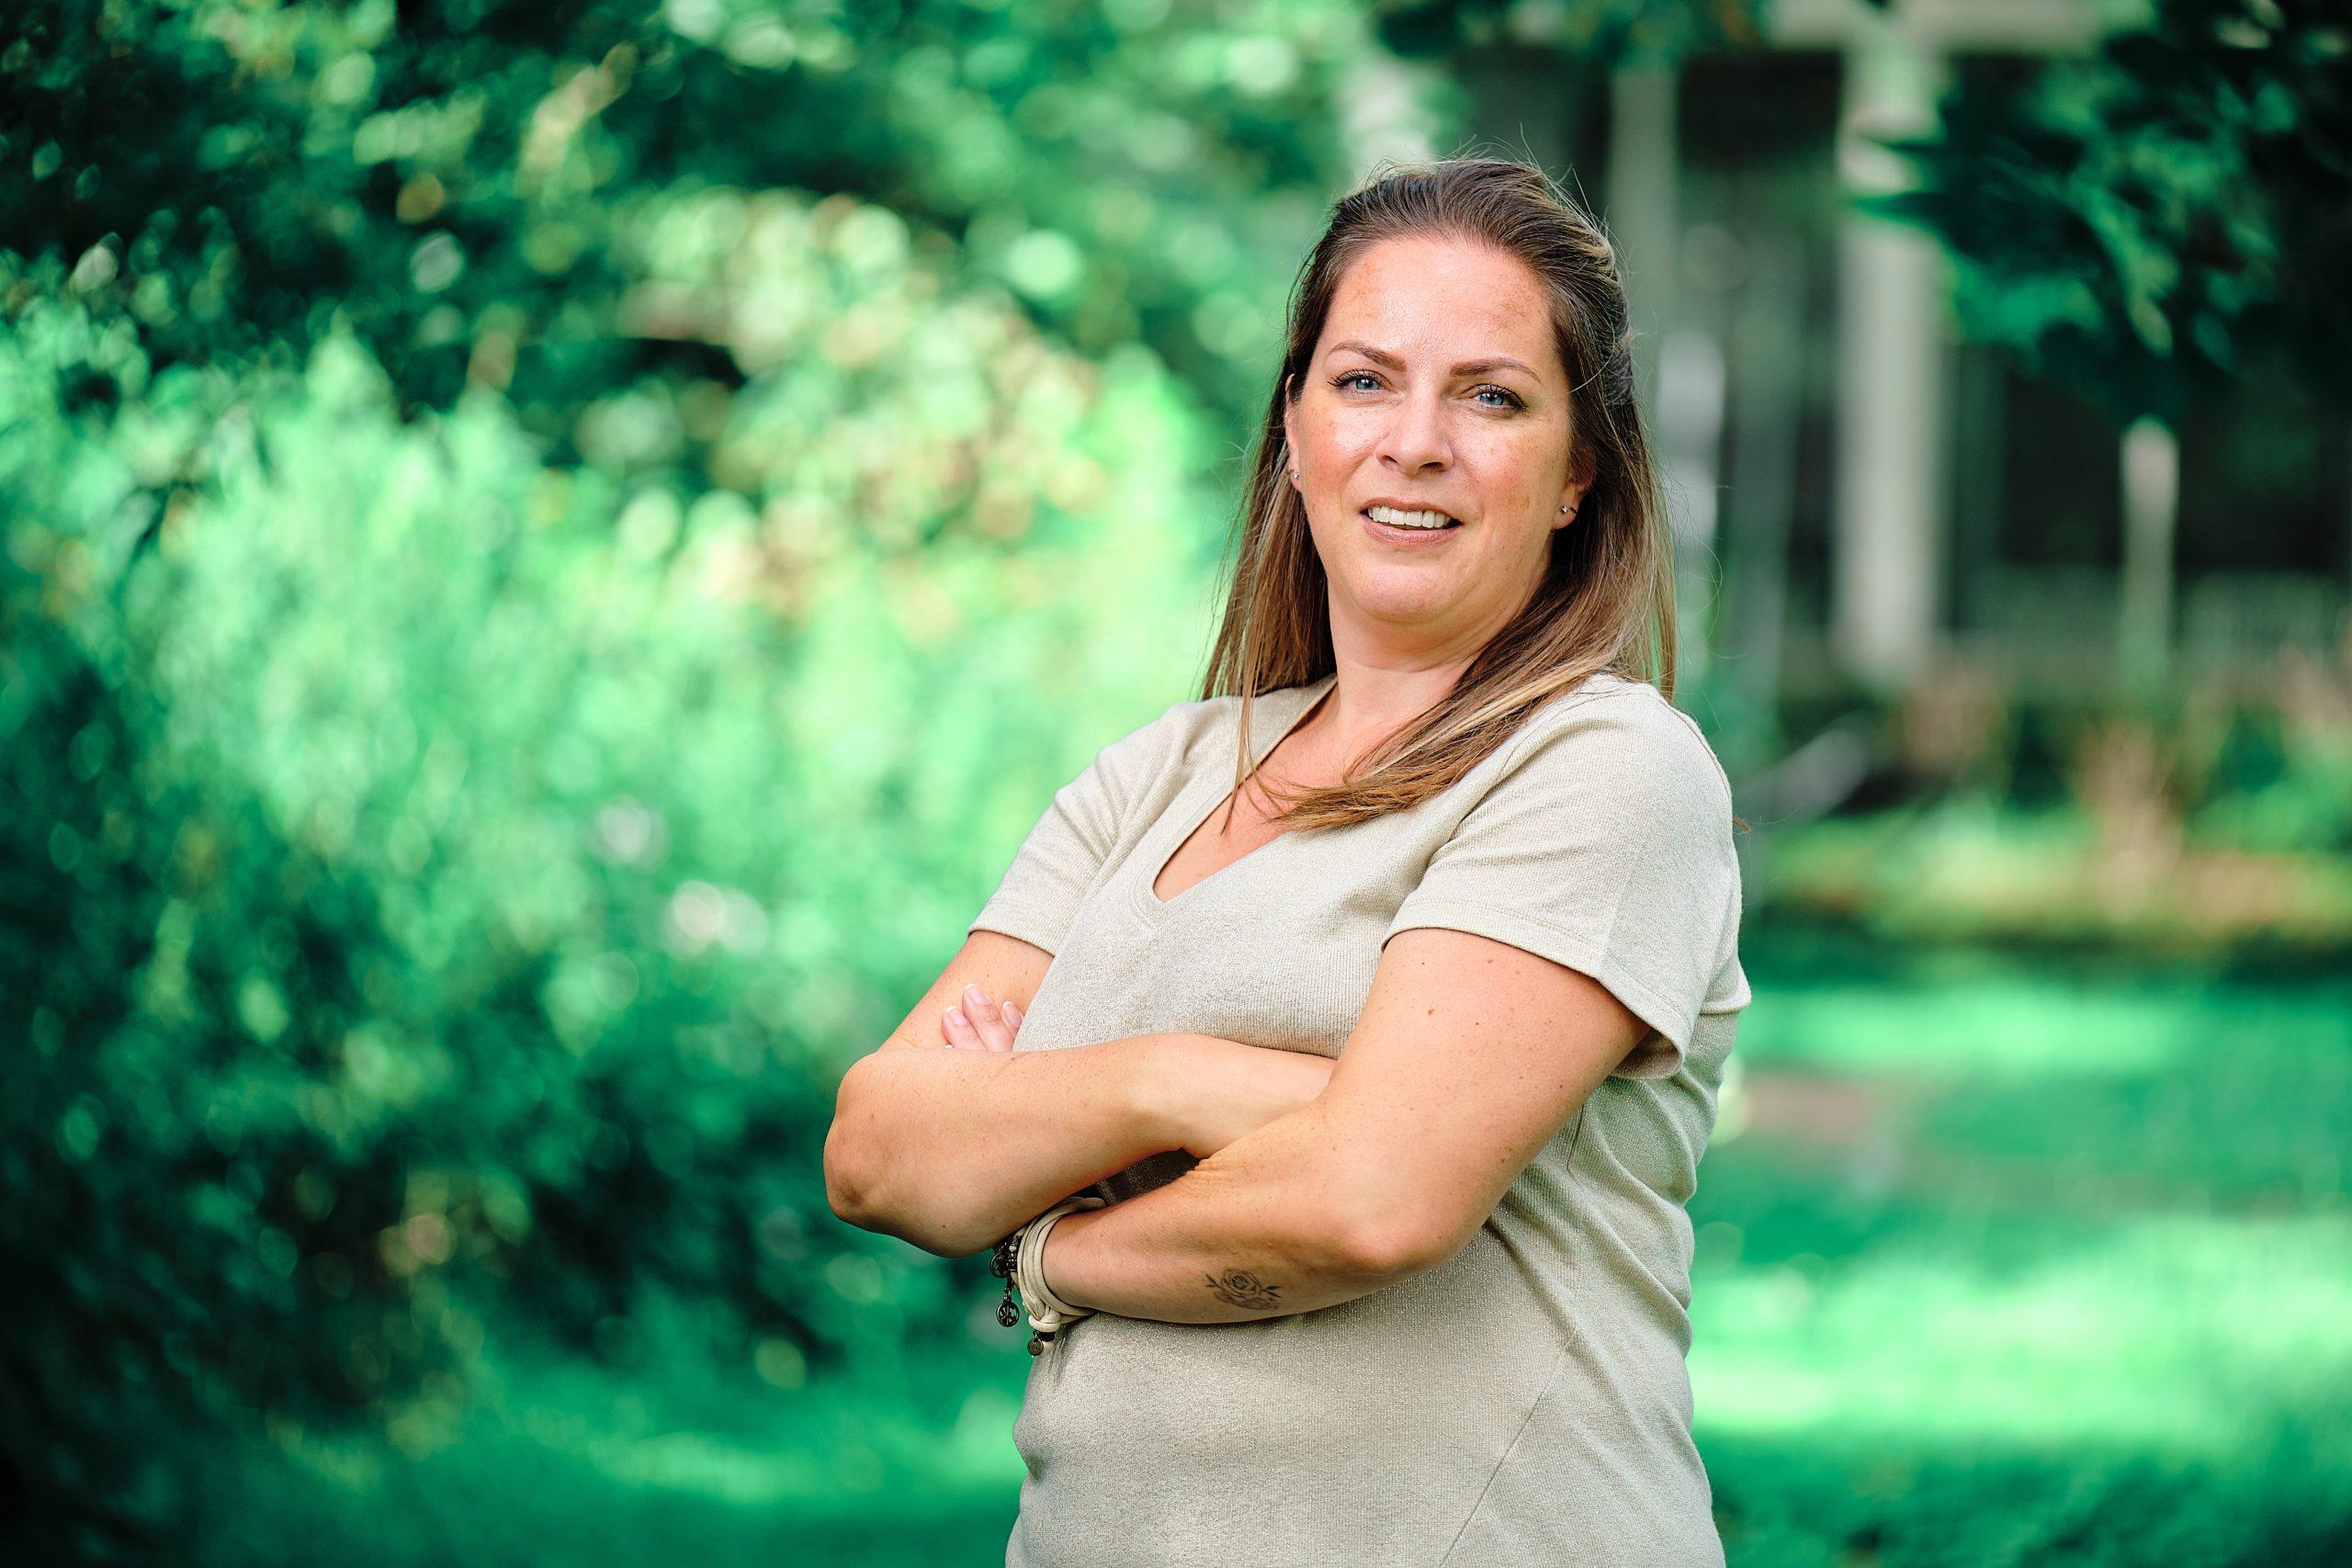 Desiree Roordink